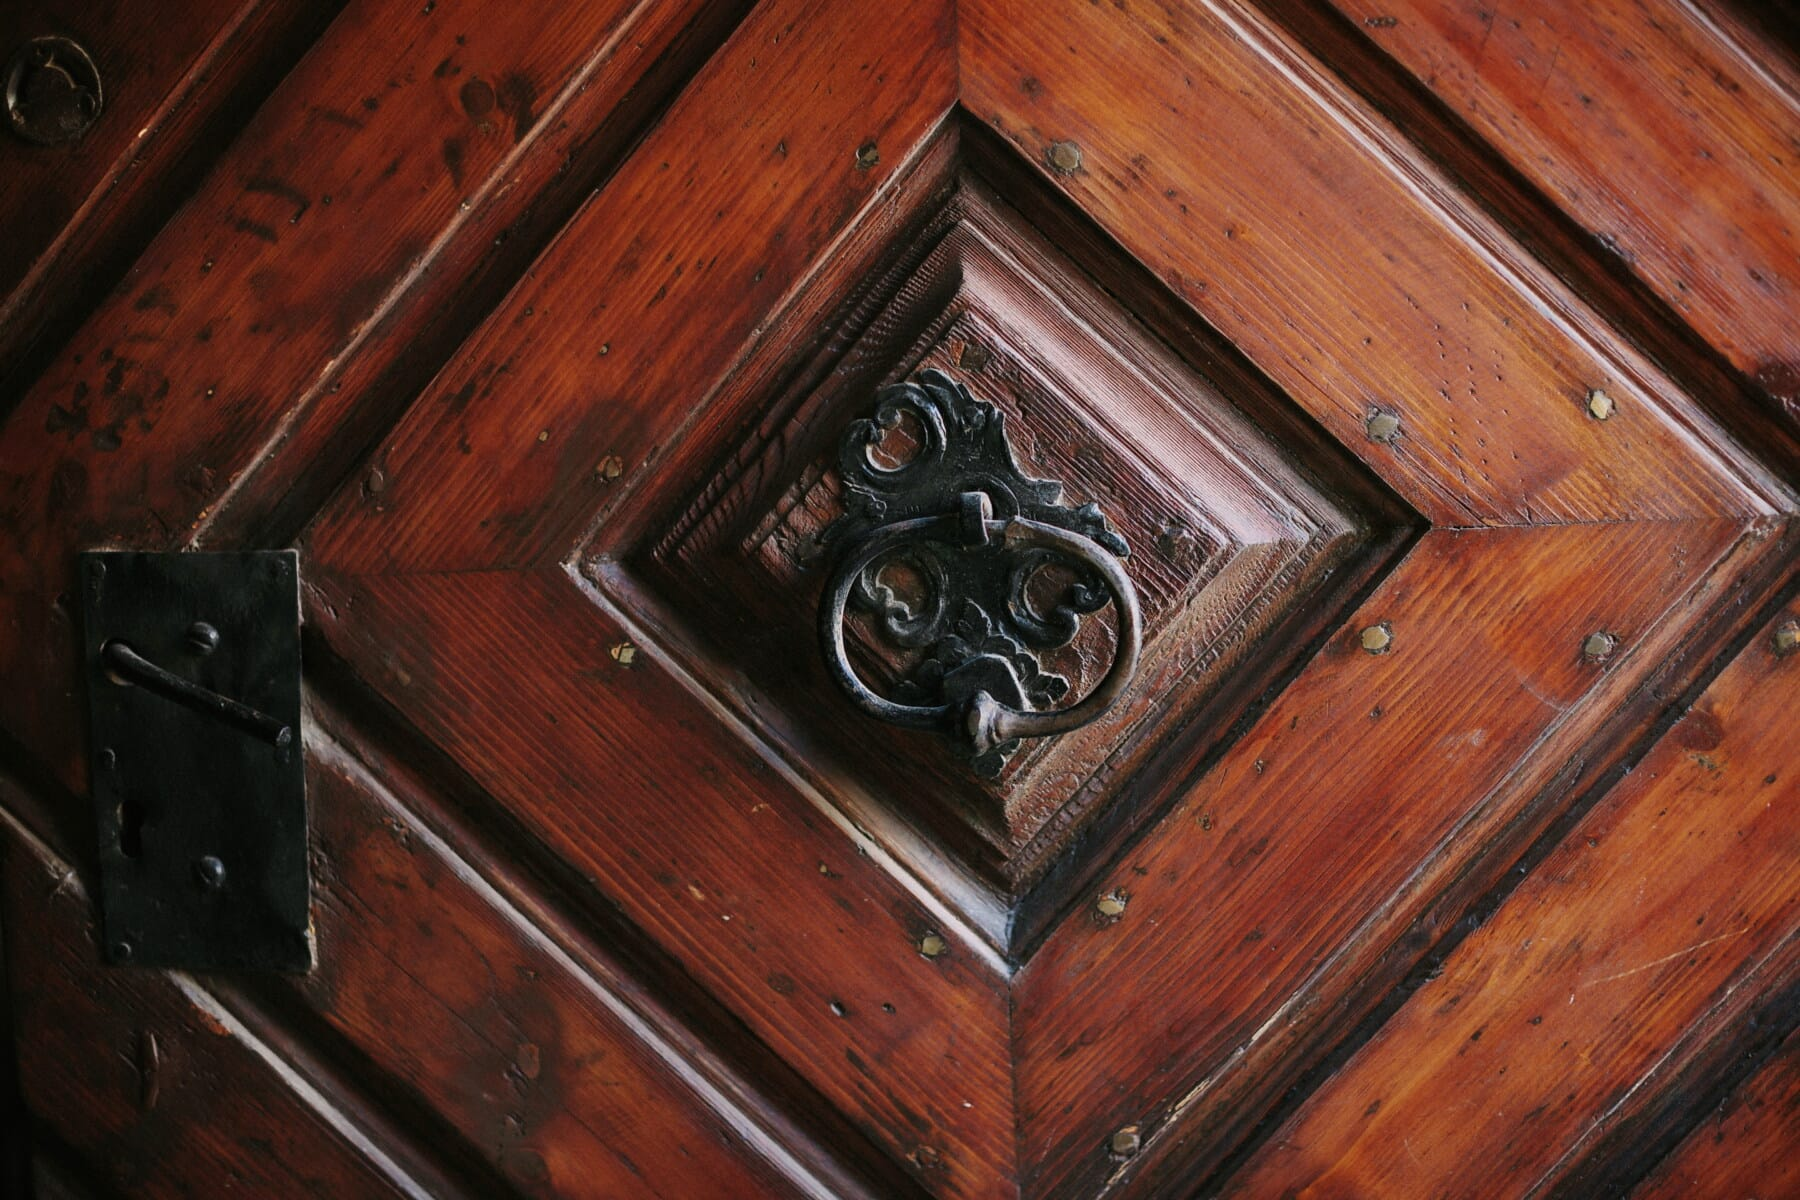 Antik, Tischlerei, Details, vor der Tür, Hartholz, aus Gusseisen, Eiche, Platz, aus Holz, alt